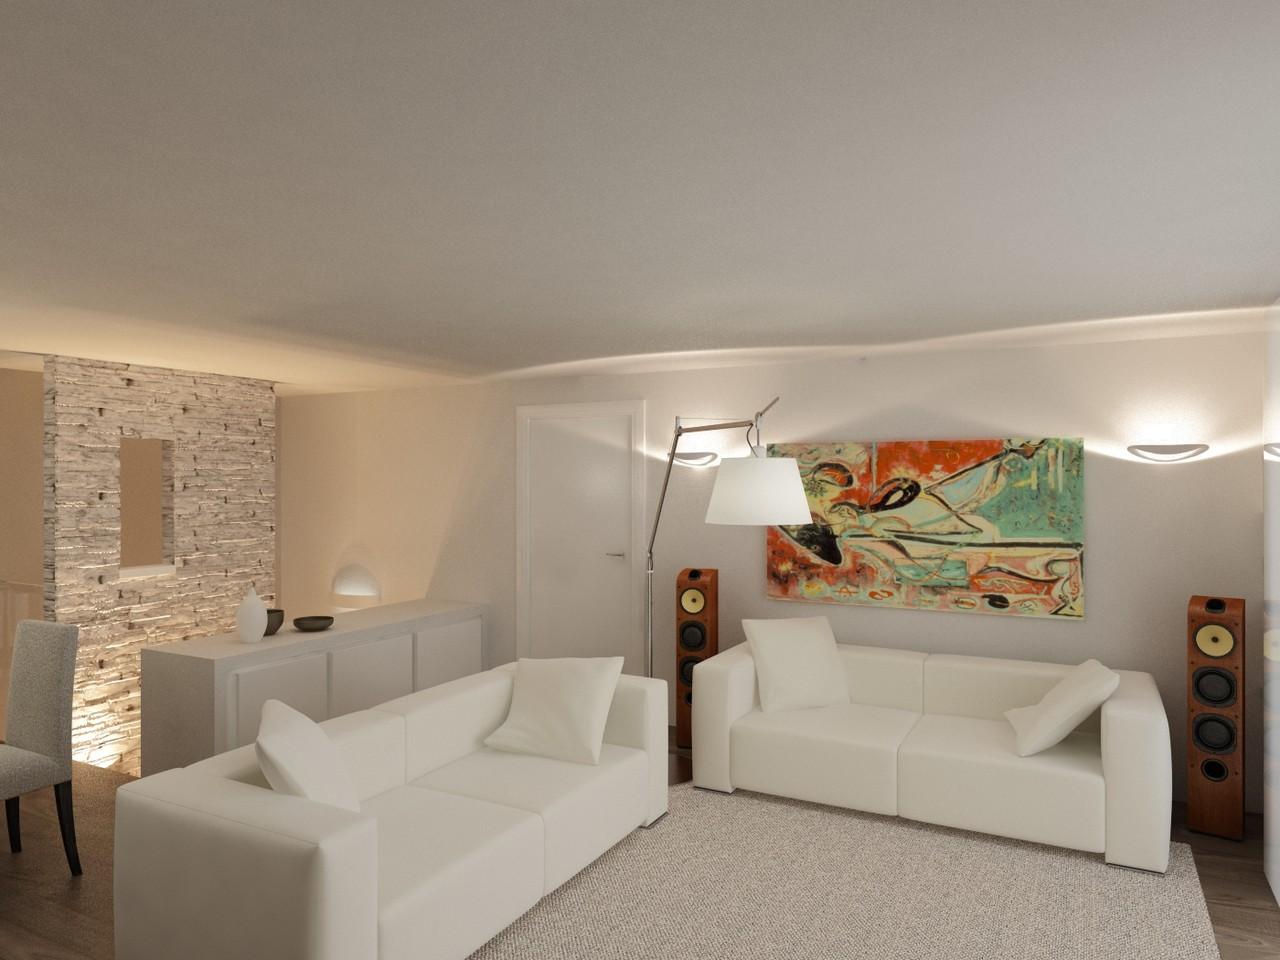 Illuminazione soffitto inclinato la migliore scelta di casa e